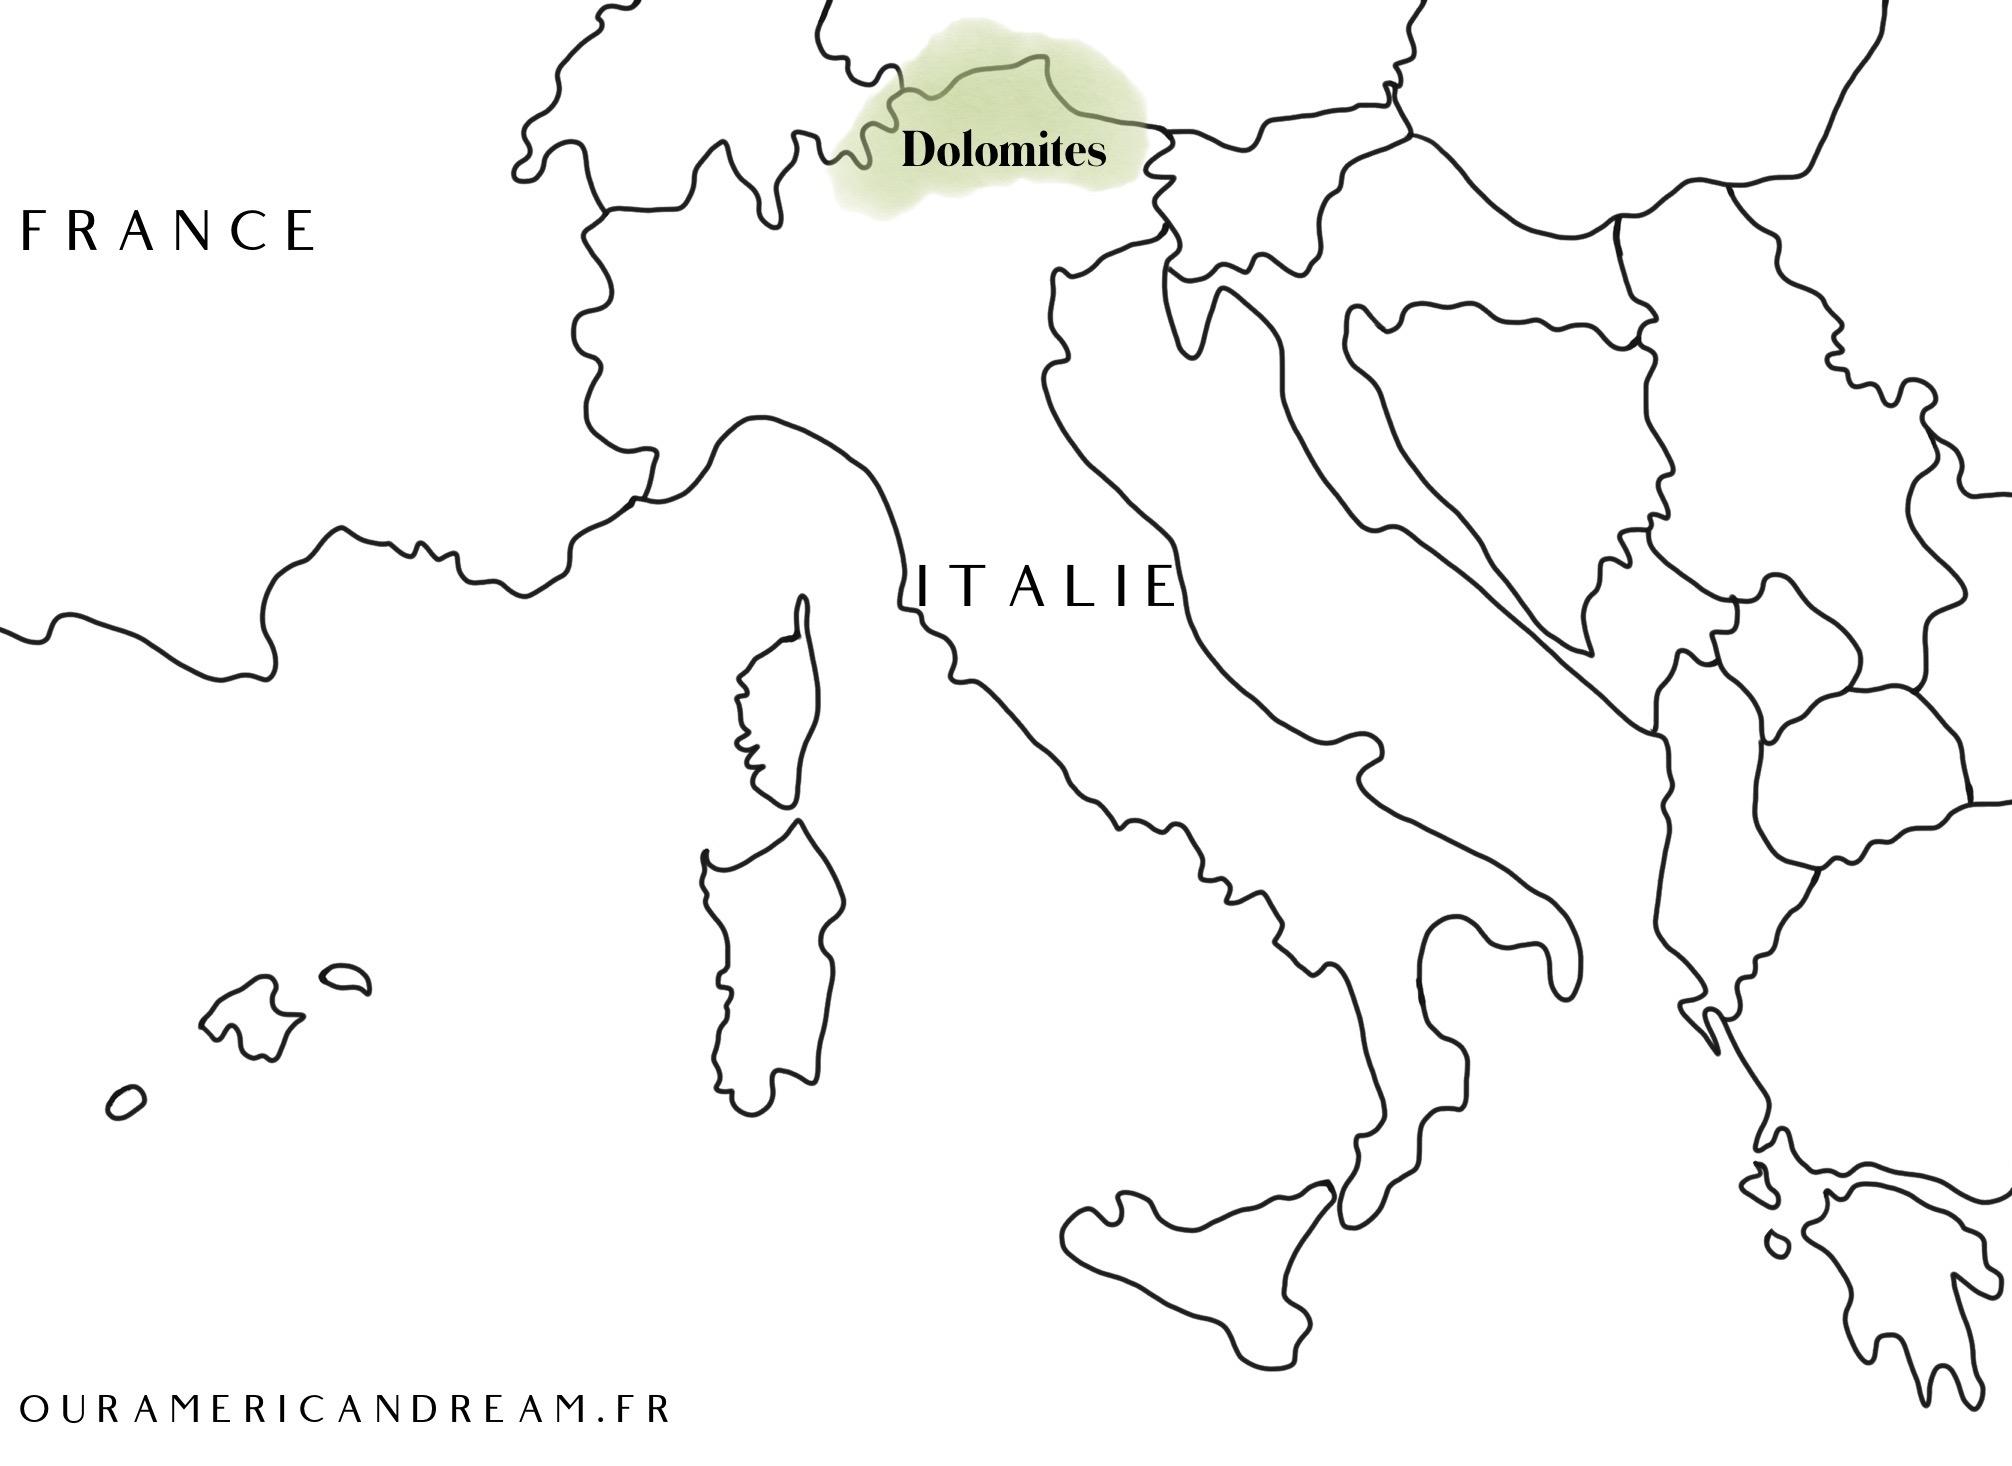 Carte des Dolomites